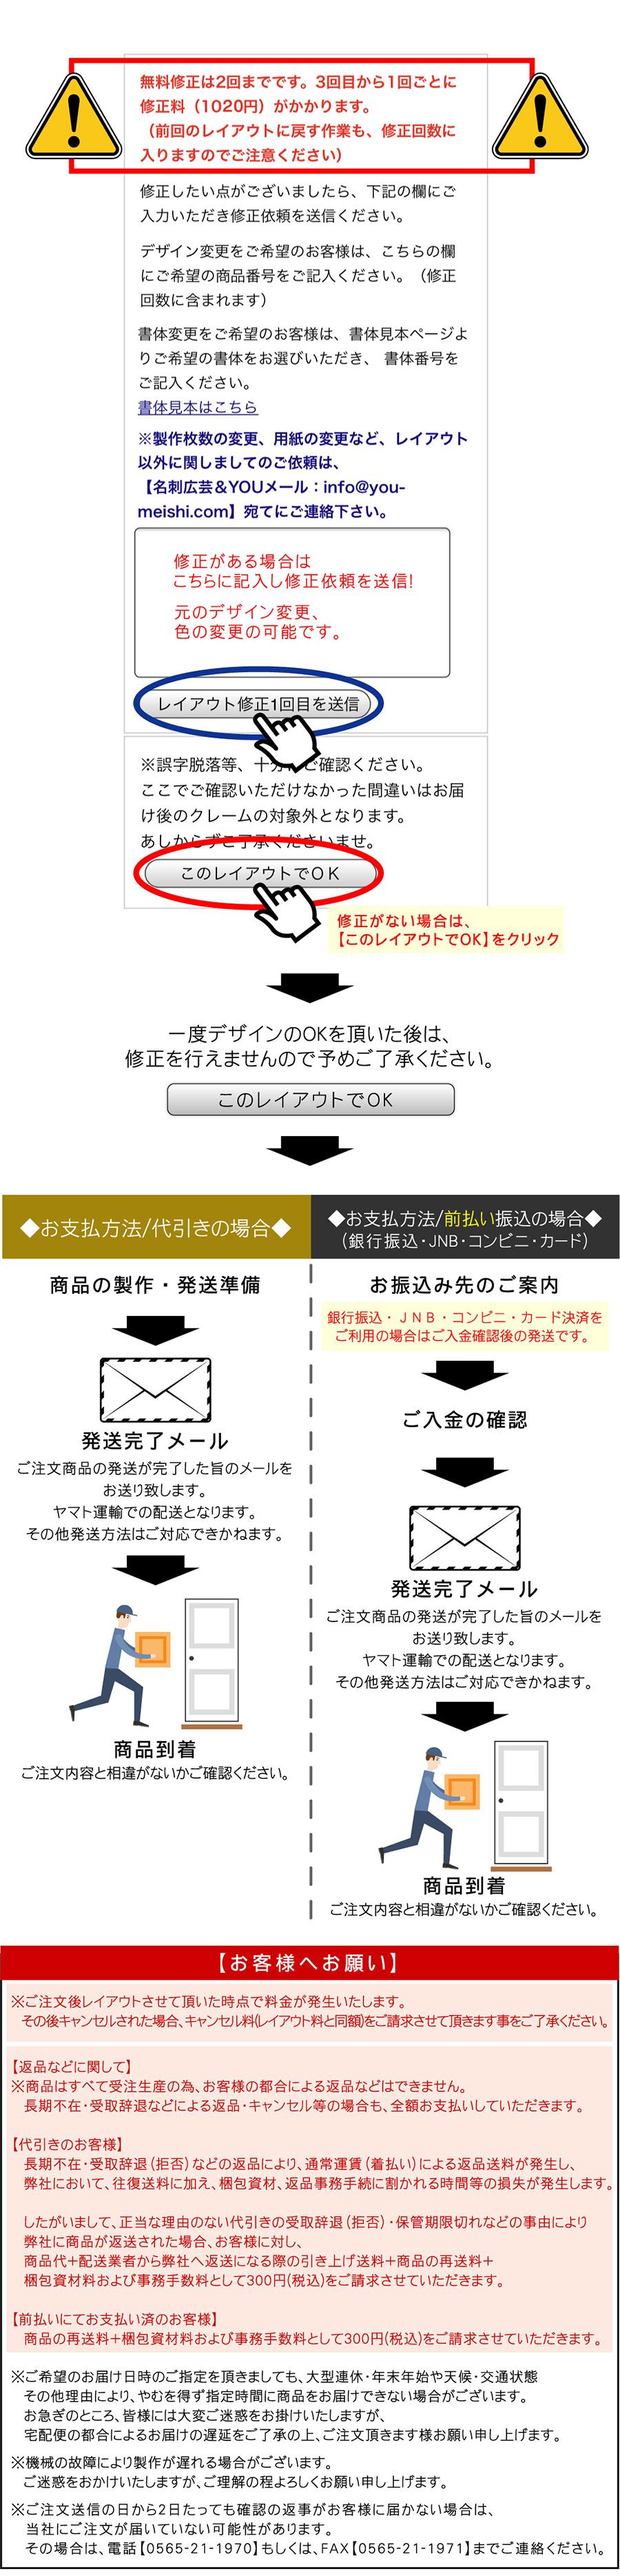 スマホご注文の流れ説明5